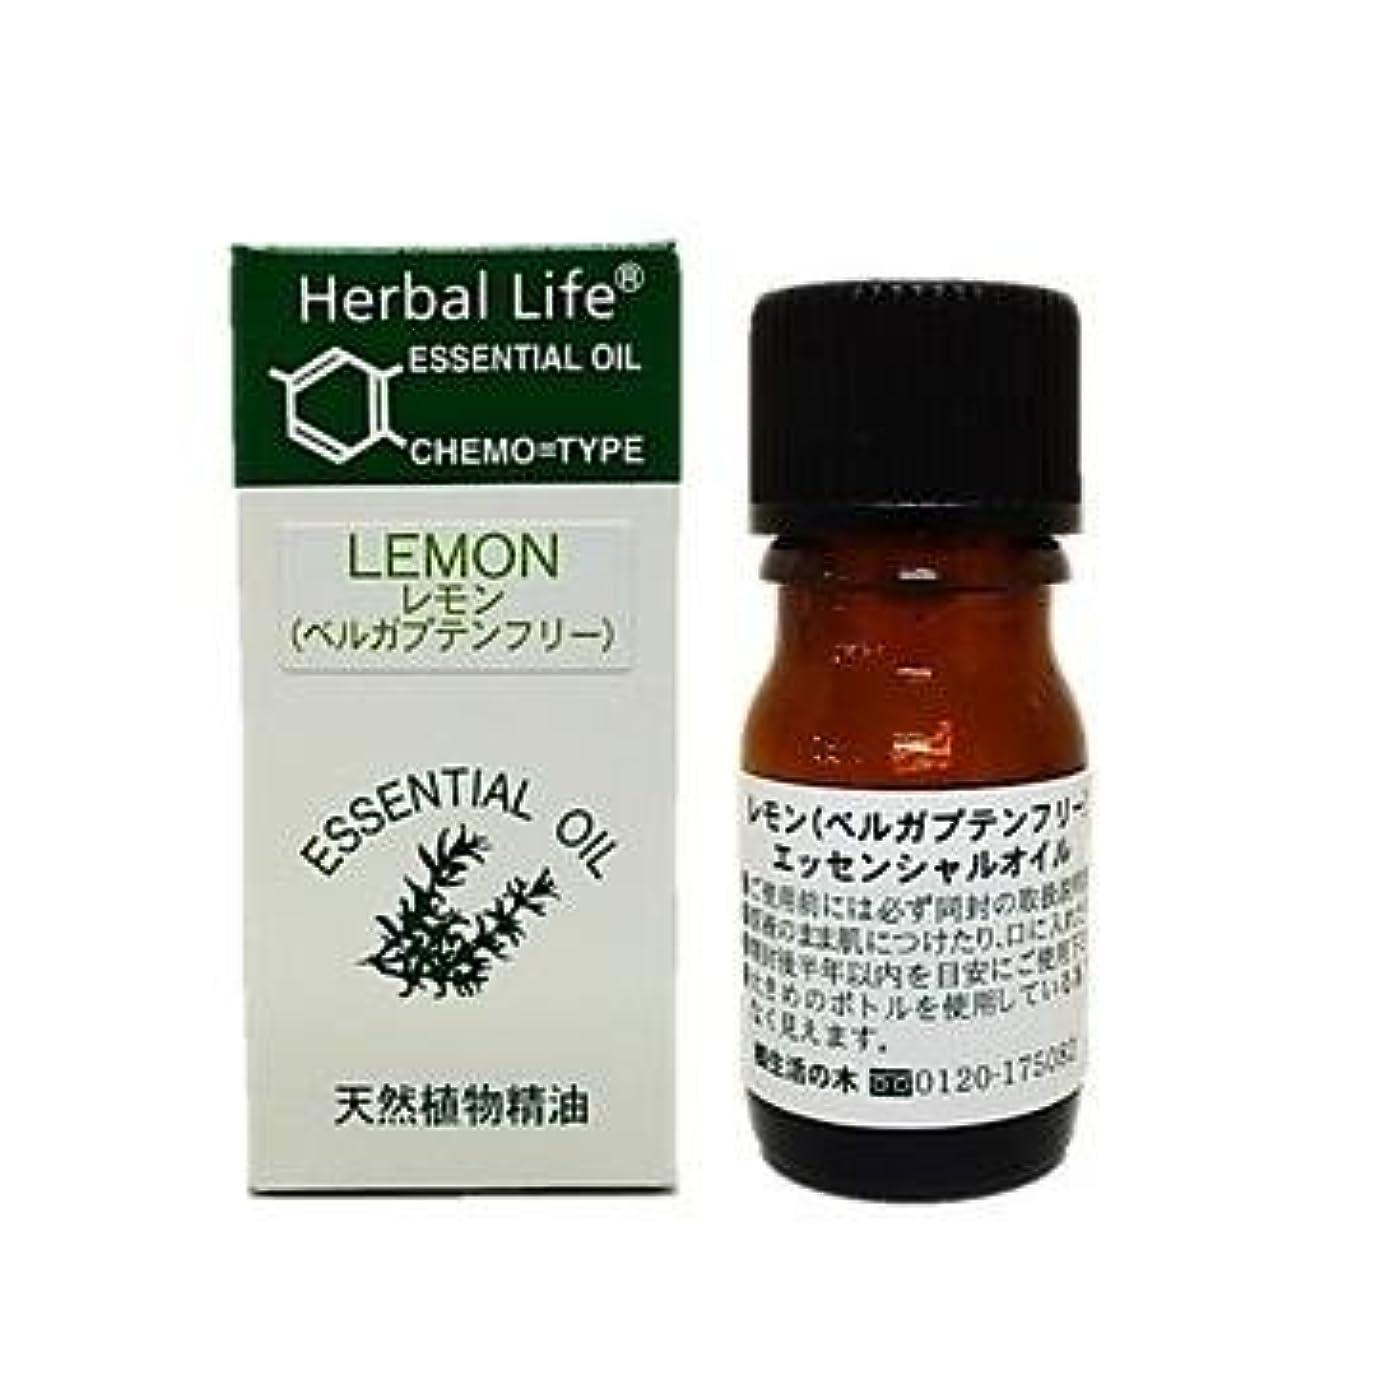 資本医薬品謙虚生活の木 レモン(フロクマリンフリー)3ml エッセンシャルオイル/精油